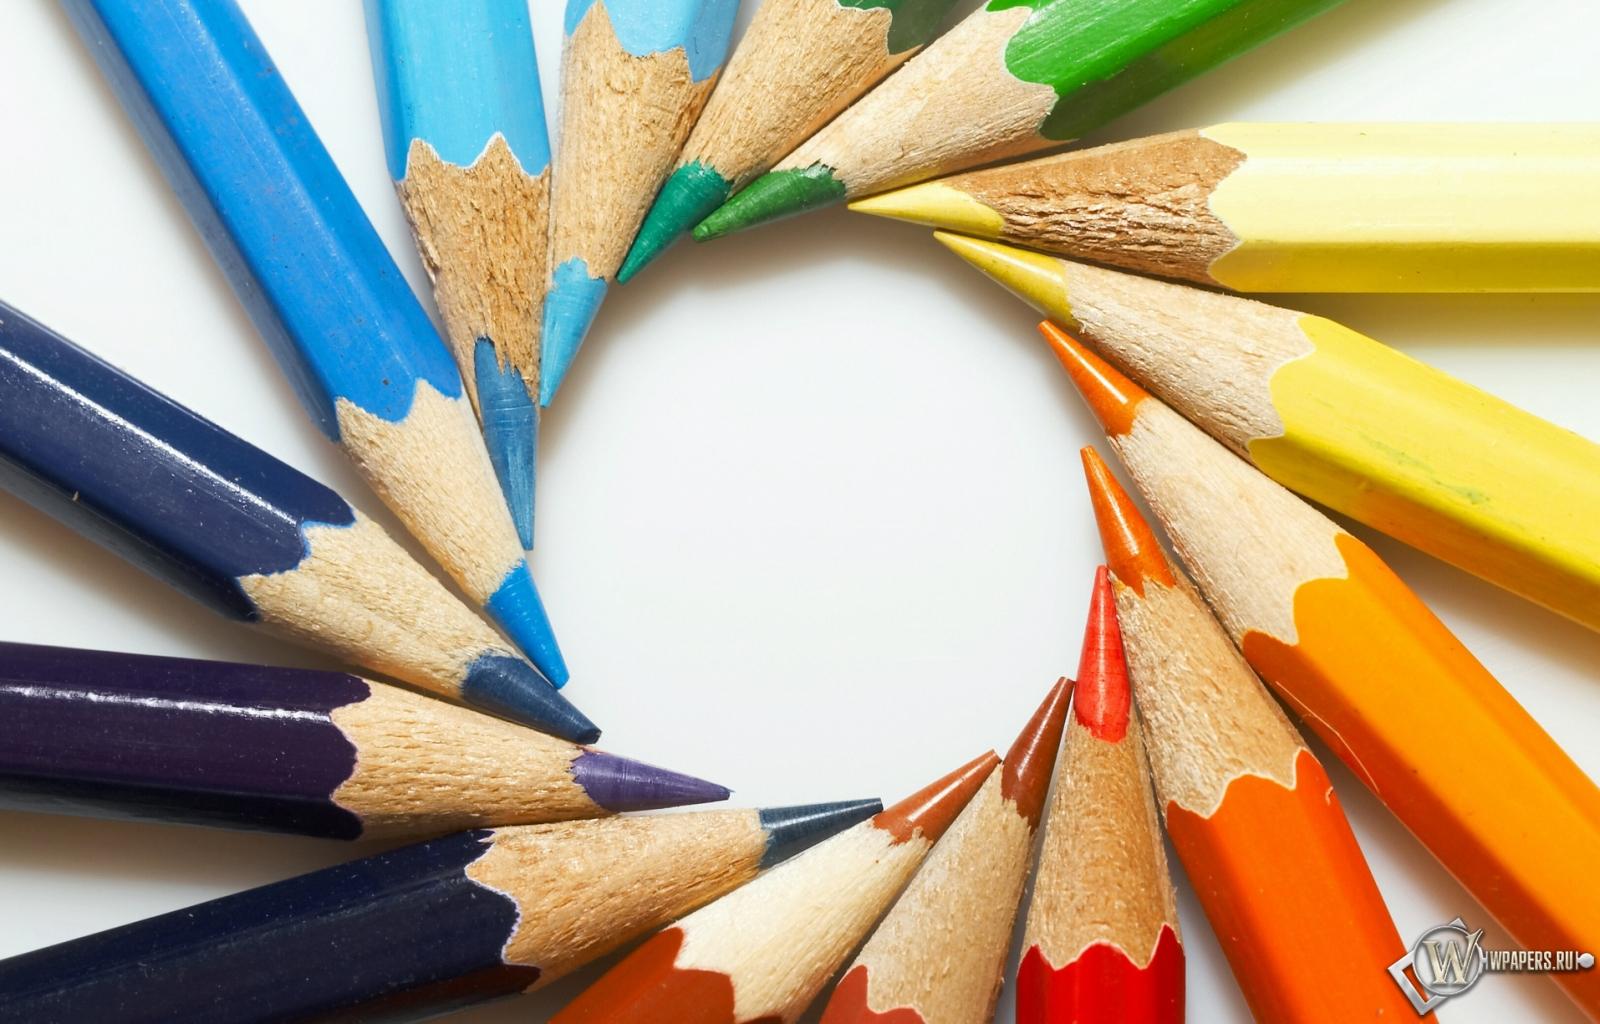 Цветные карандаши 1600x1024